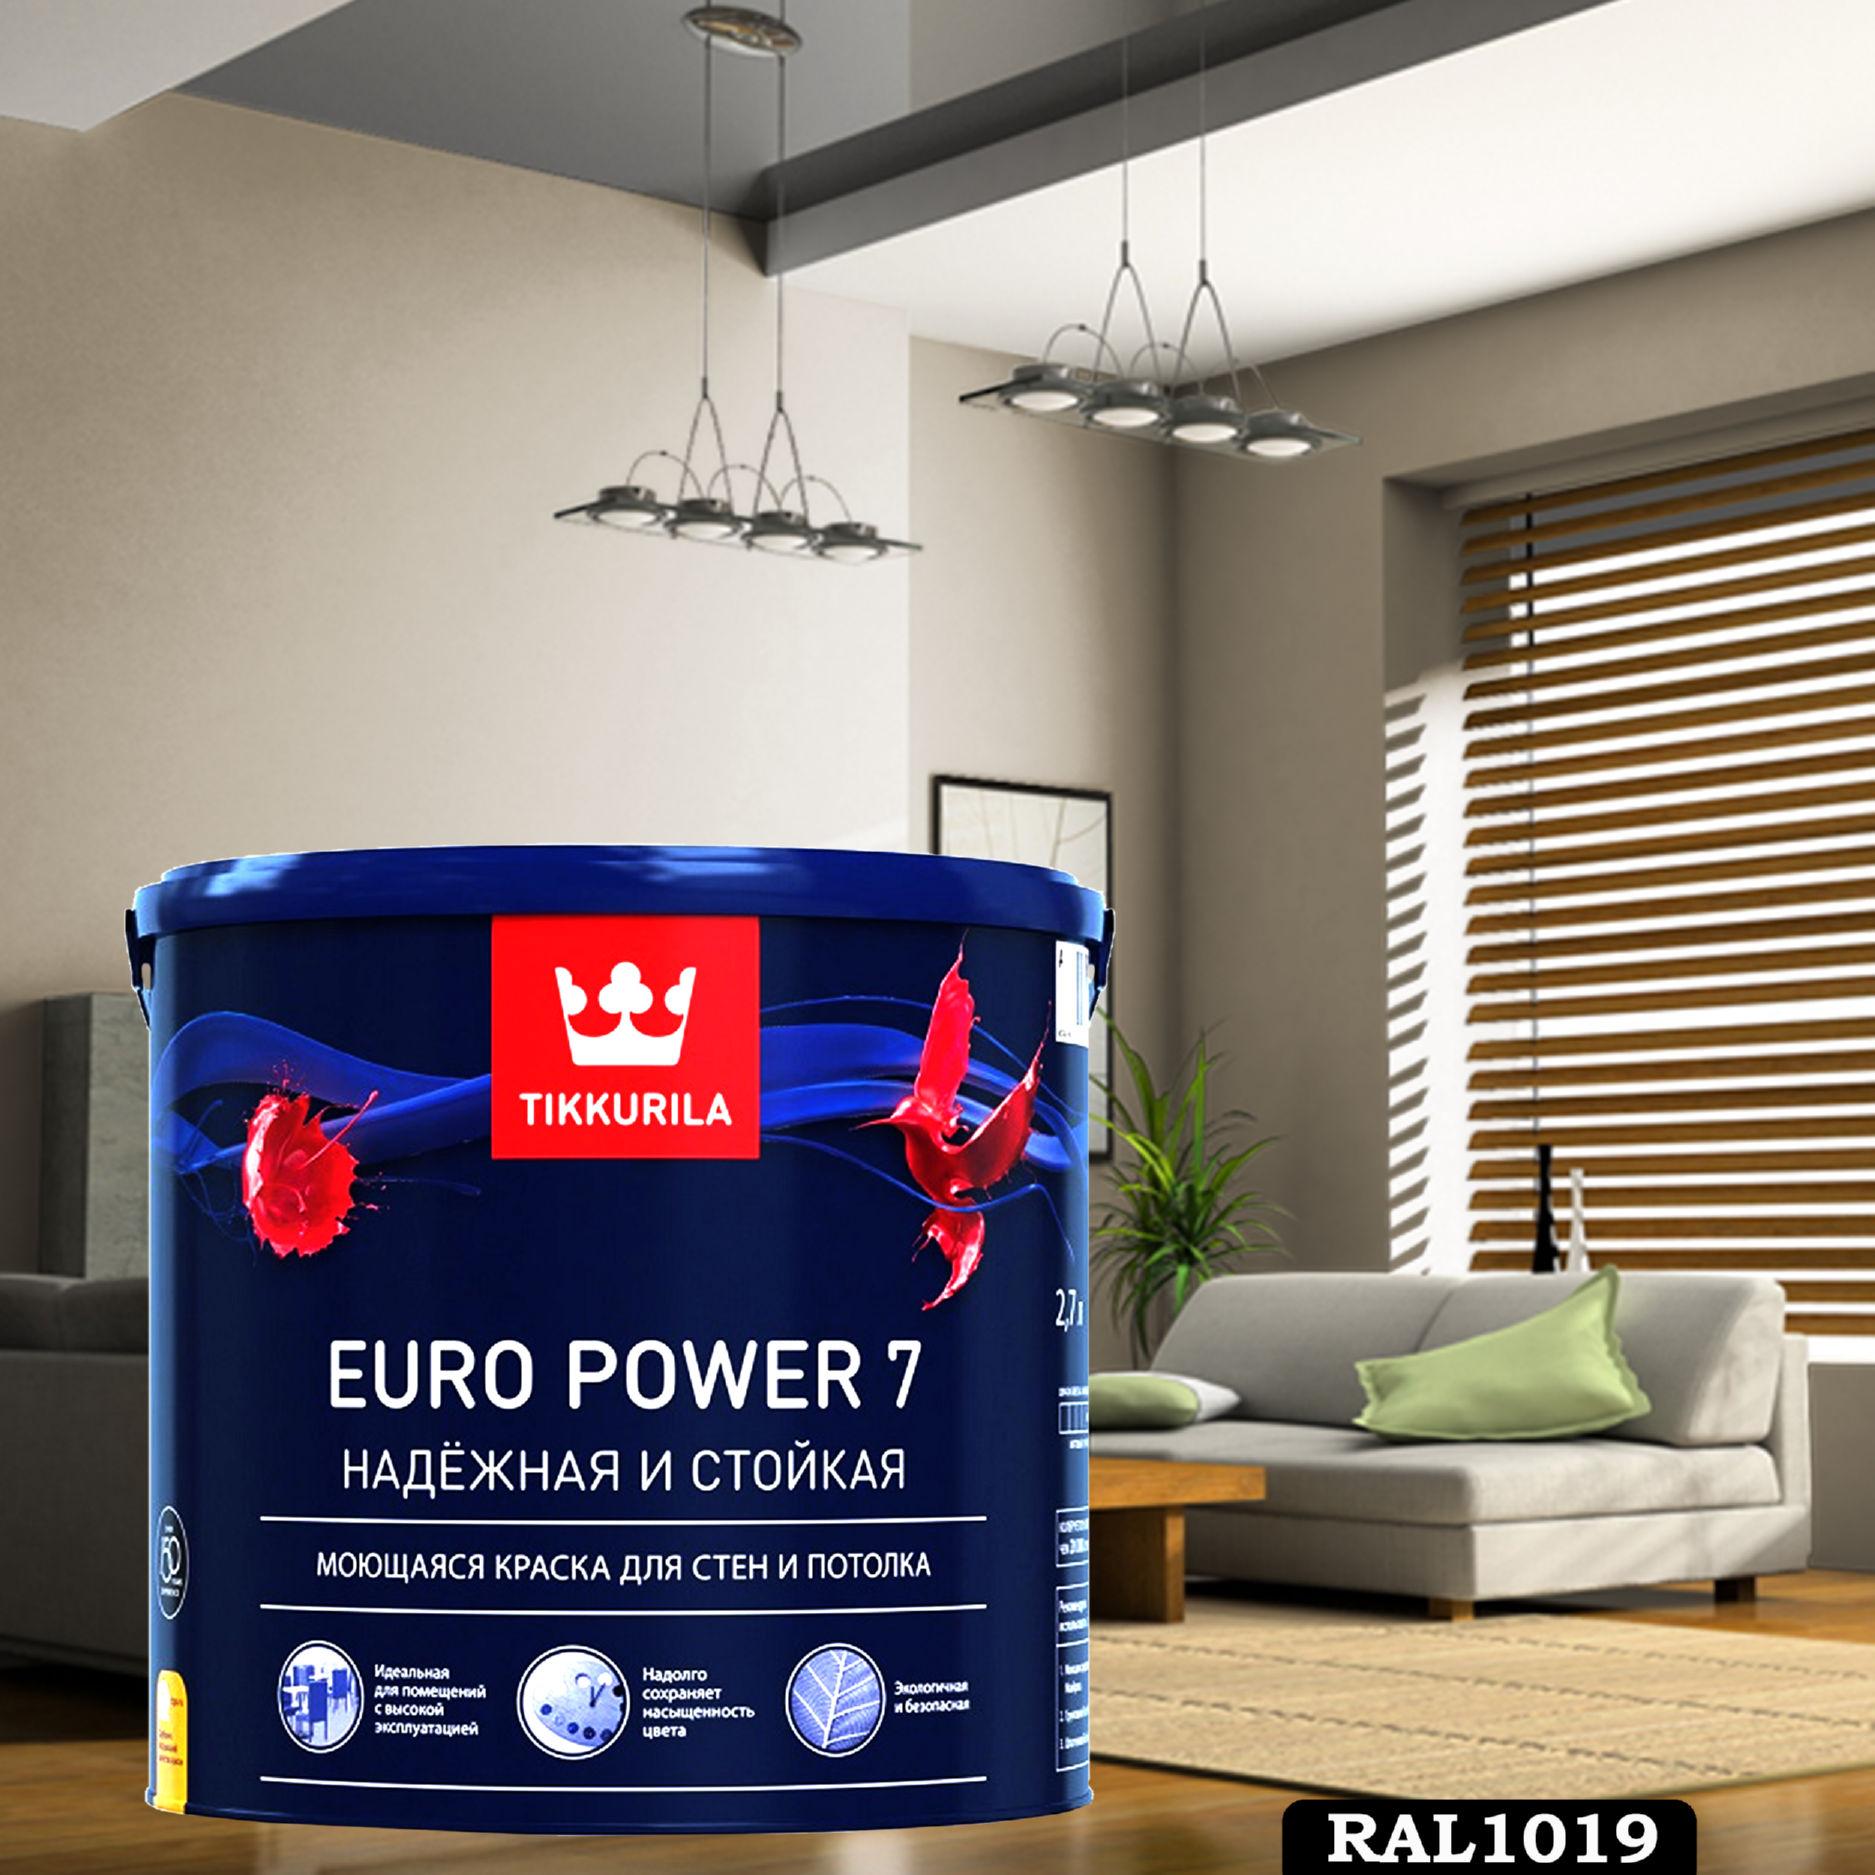 Фото 17 - Краска TIKKURILA Euro Power 7,  RAL 1019 Серо-бежевый, латексная моющаяся матовая интерьерная, 9 л.